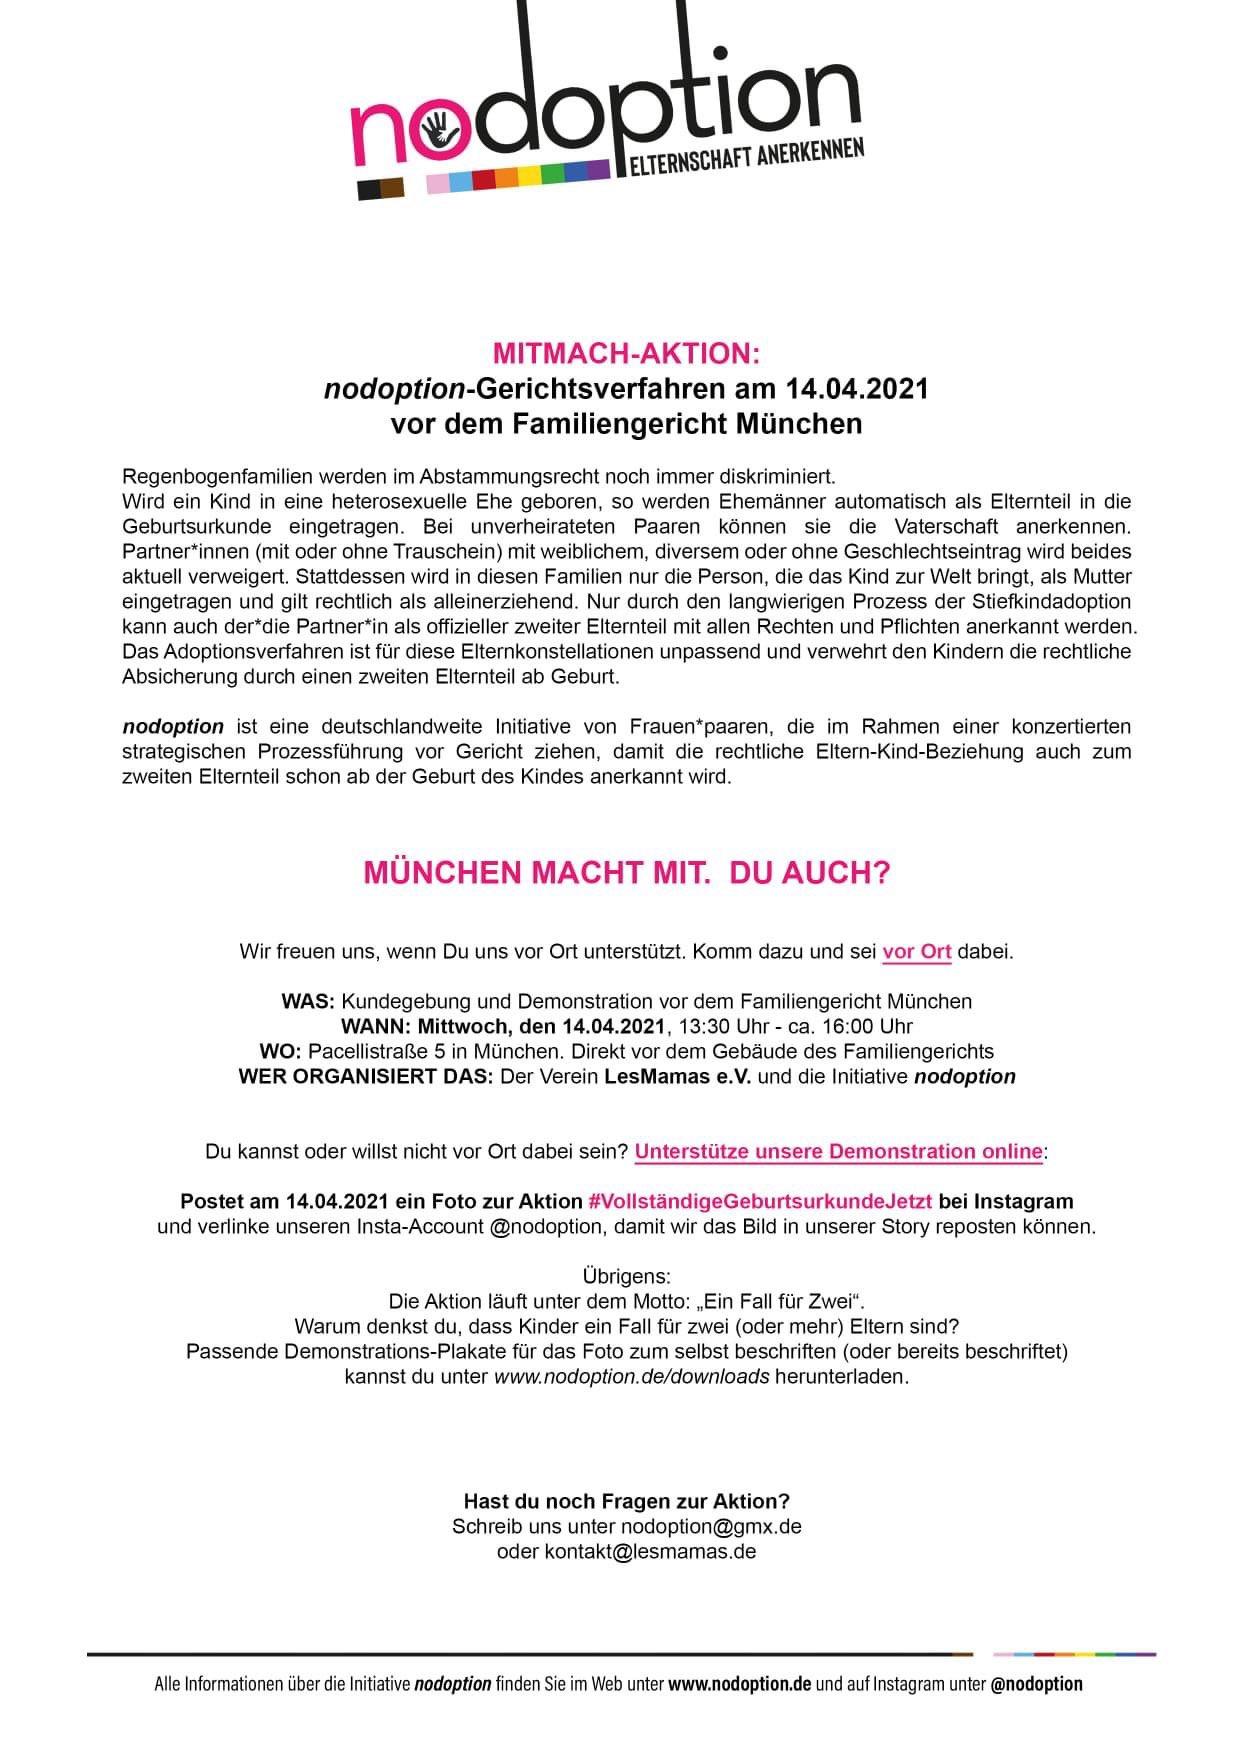 Am 14. April ist es soweit: Unsere LesMamas Jenny und Inga ziehen vor das Familiengericht München. Natürlich wollen wir sie alle nach Kräften unterstützen - seid dabei: vor Ort ab 13:30 Uhr in der Pacellistr. 5 und/oder online!